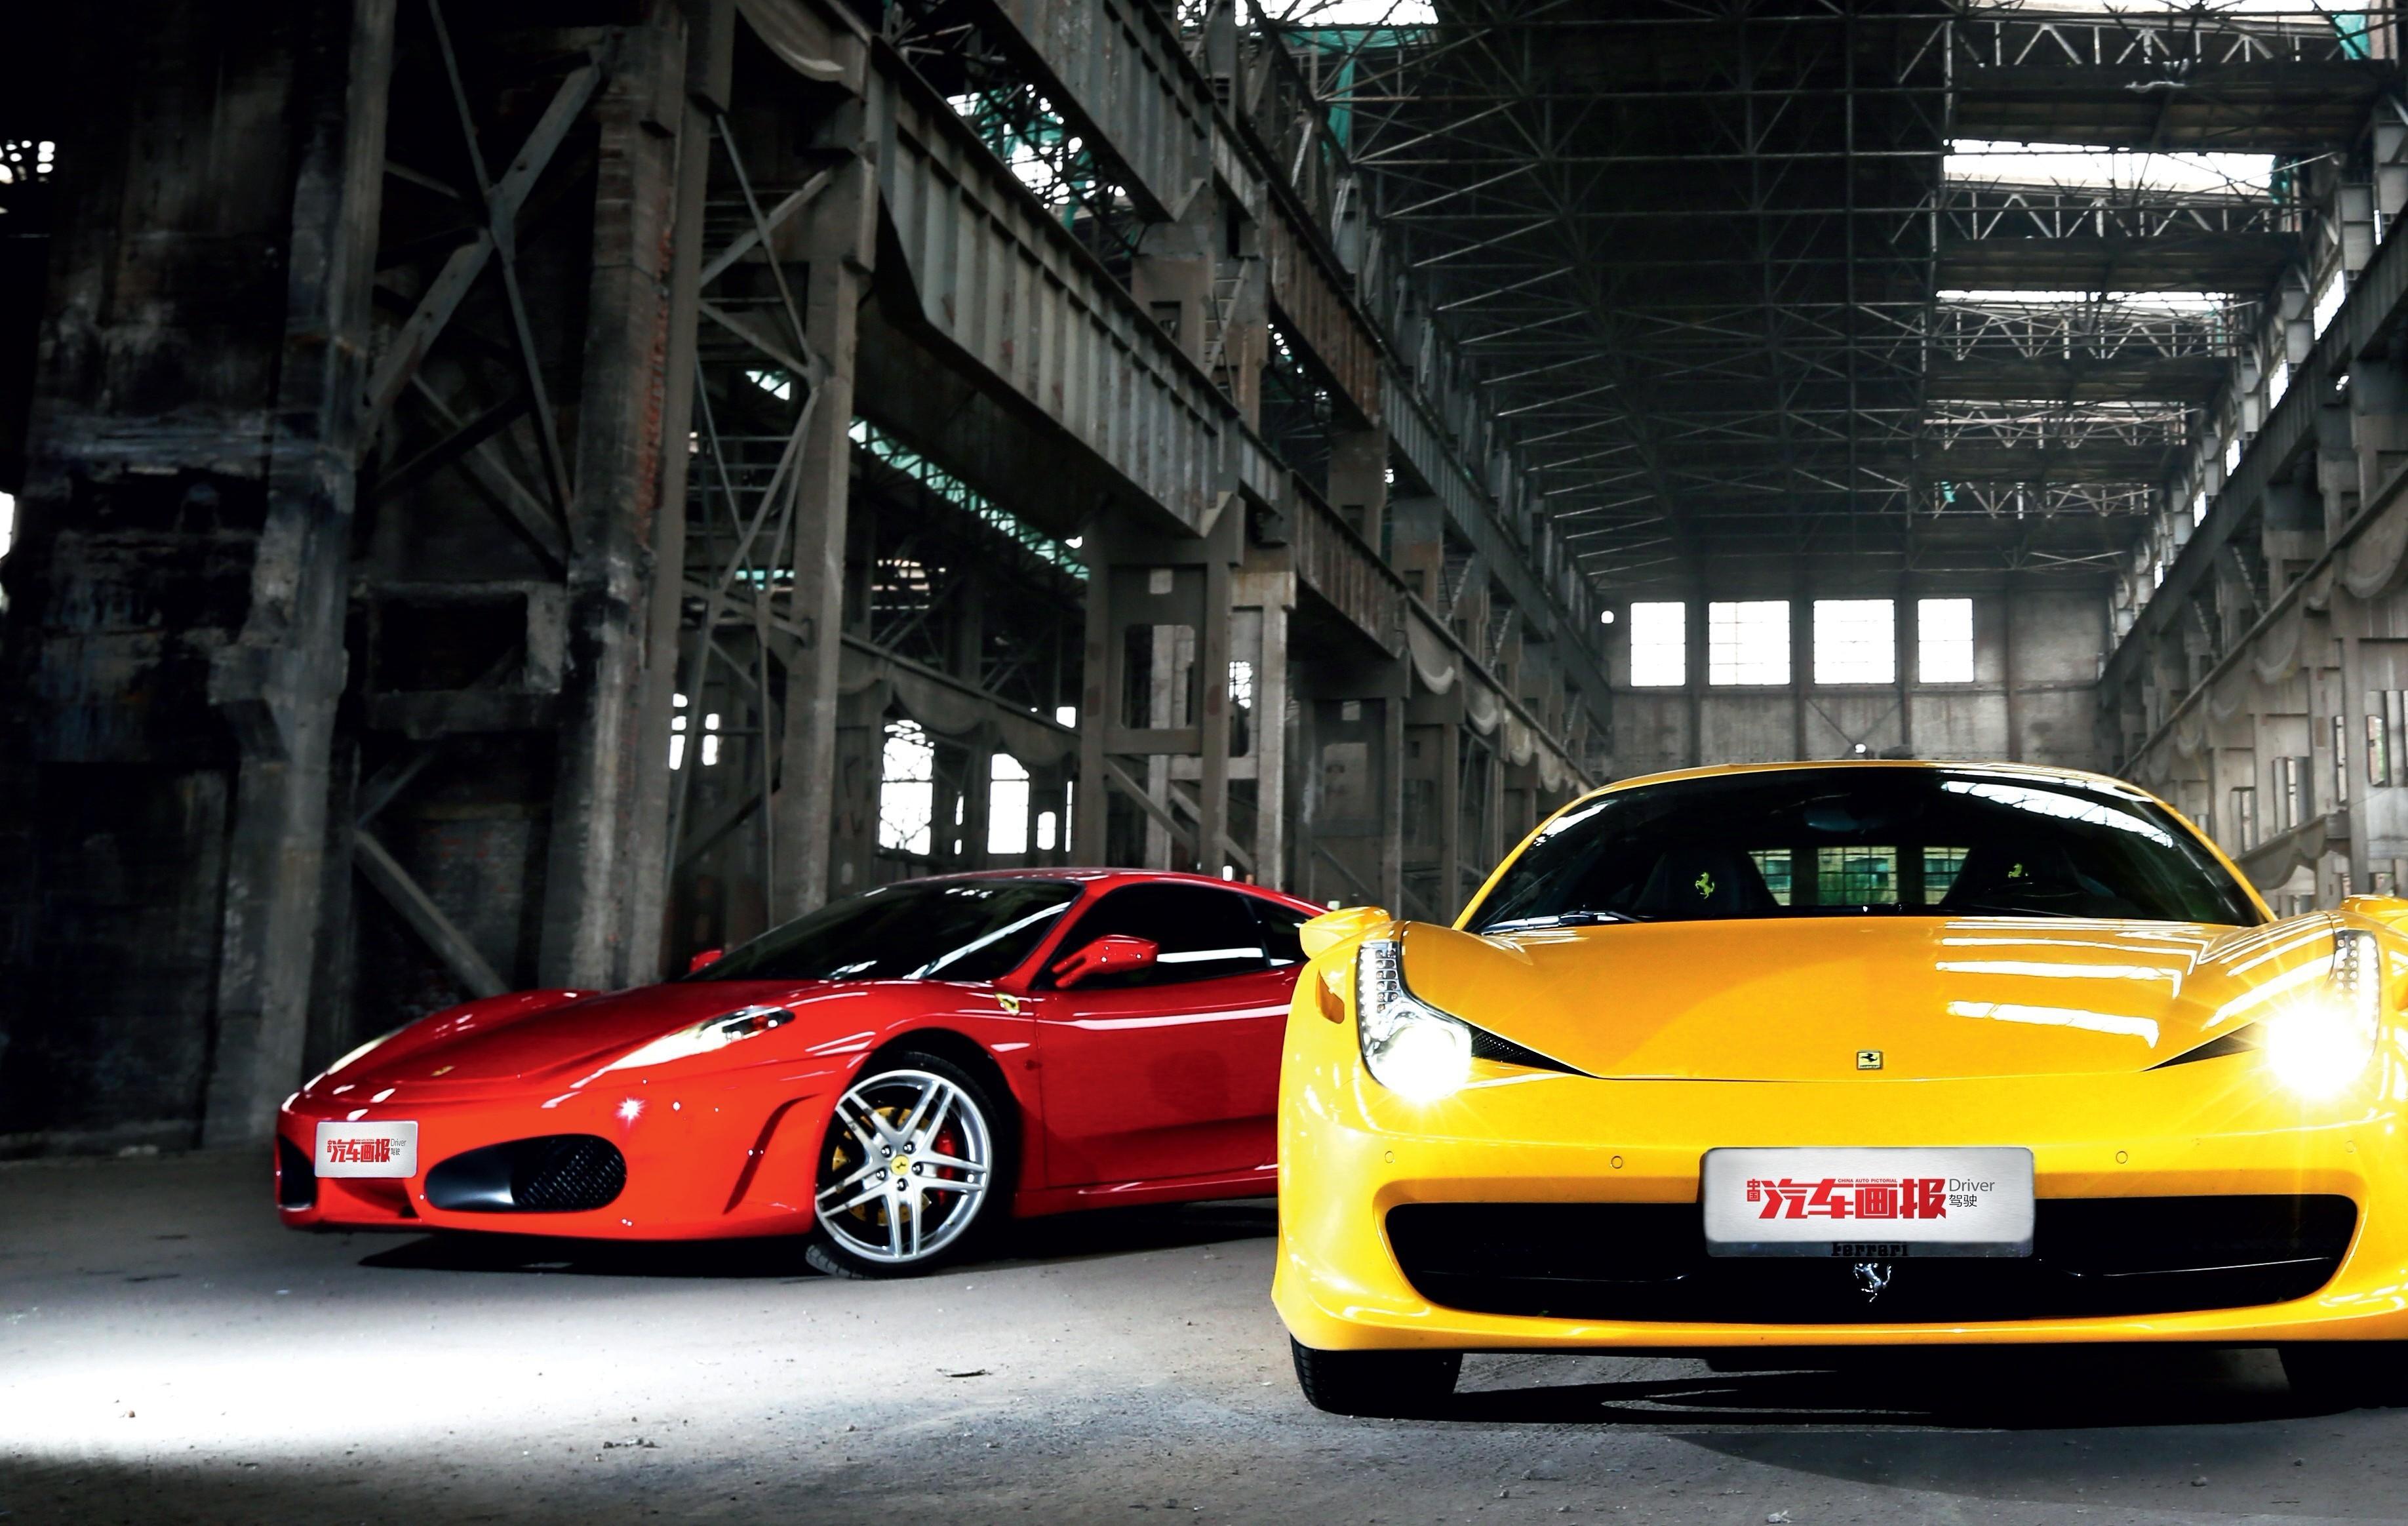 法拉利f458 italia 纯粹的驾驶乐趣 法拉利三款超级 高清图片